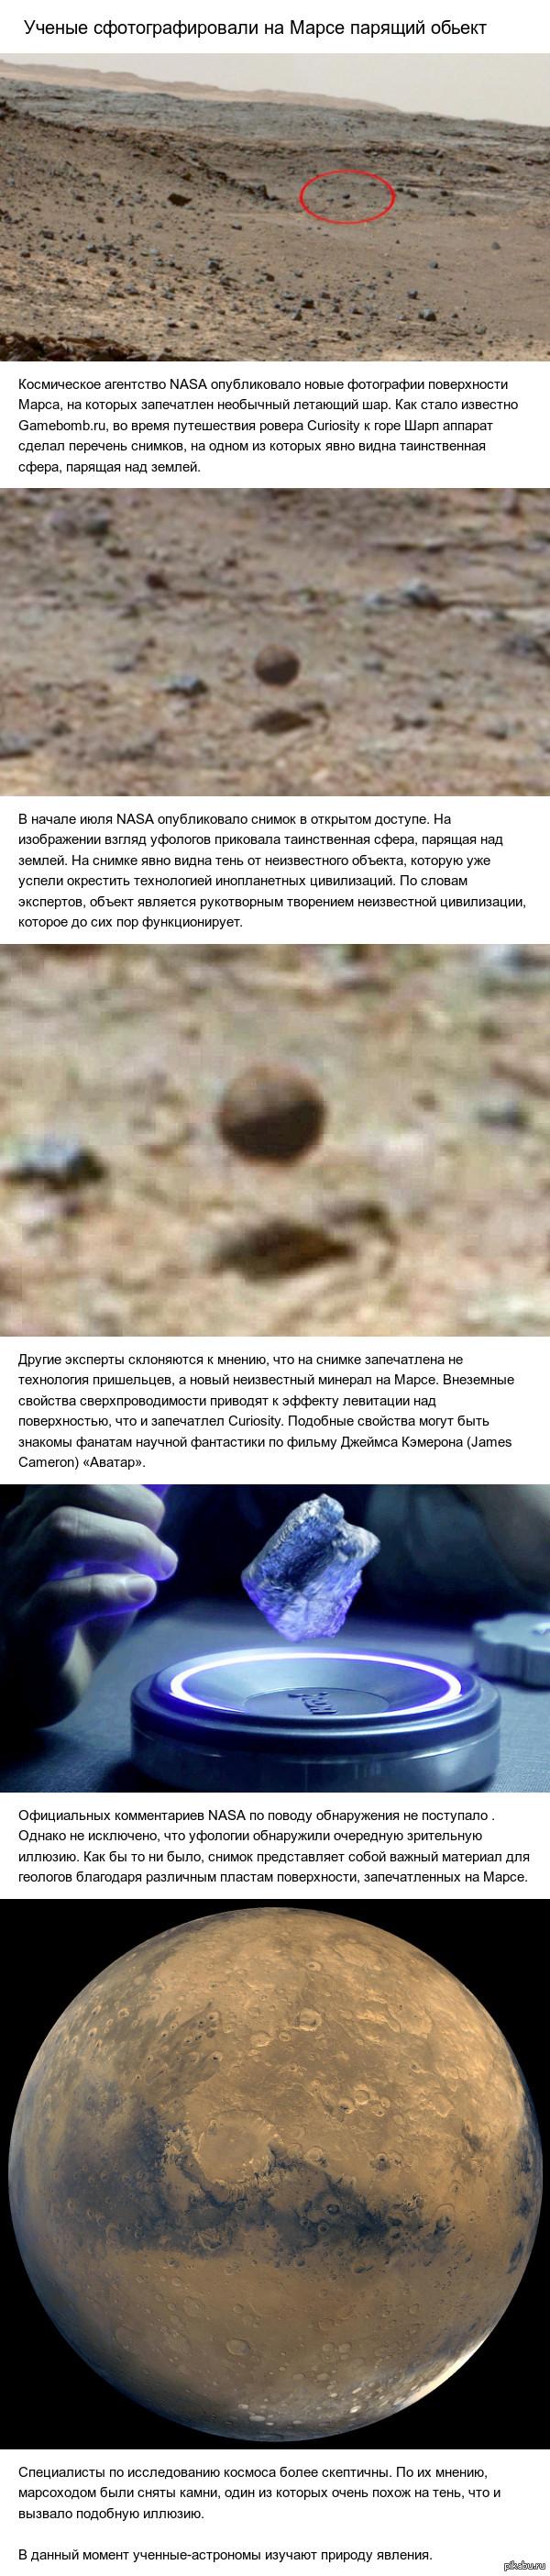 Левитирующий камень на Марсе Новые фотография с Марса оказались с сюрпризом